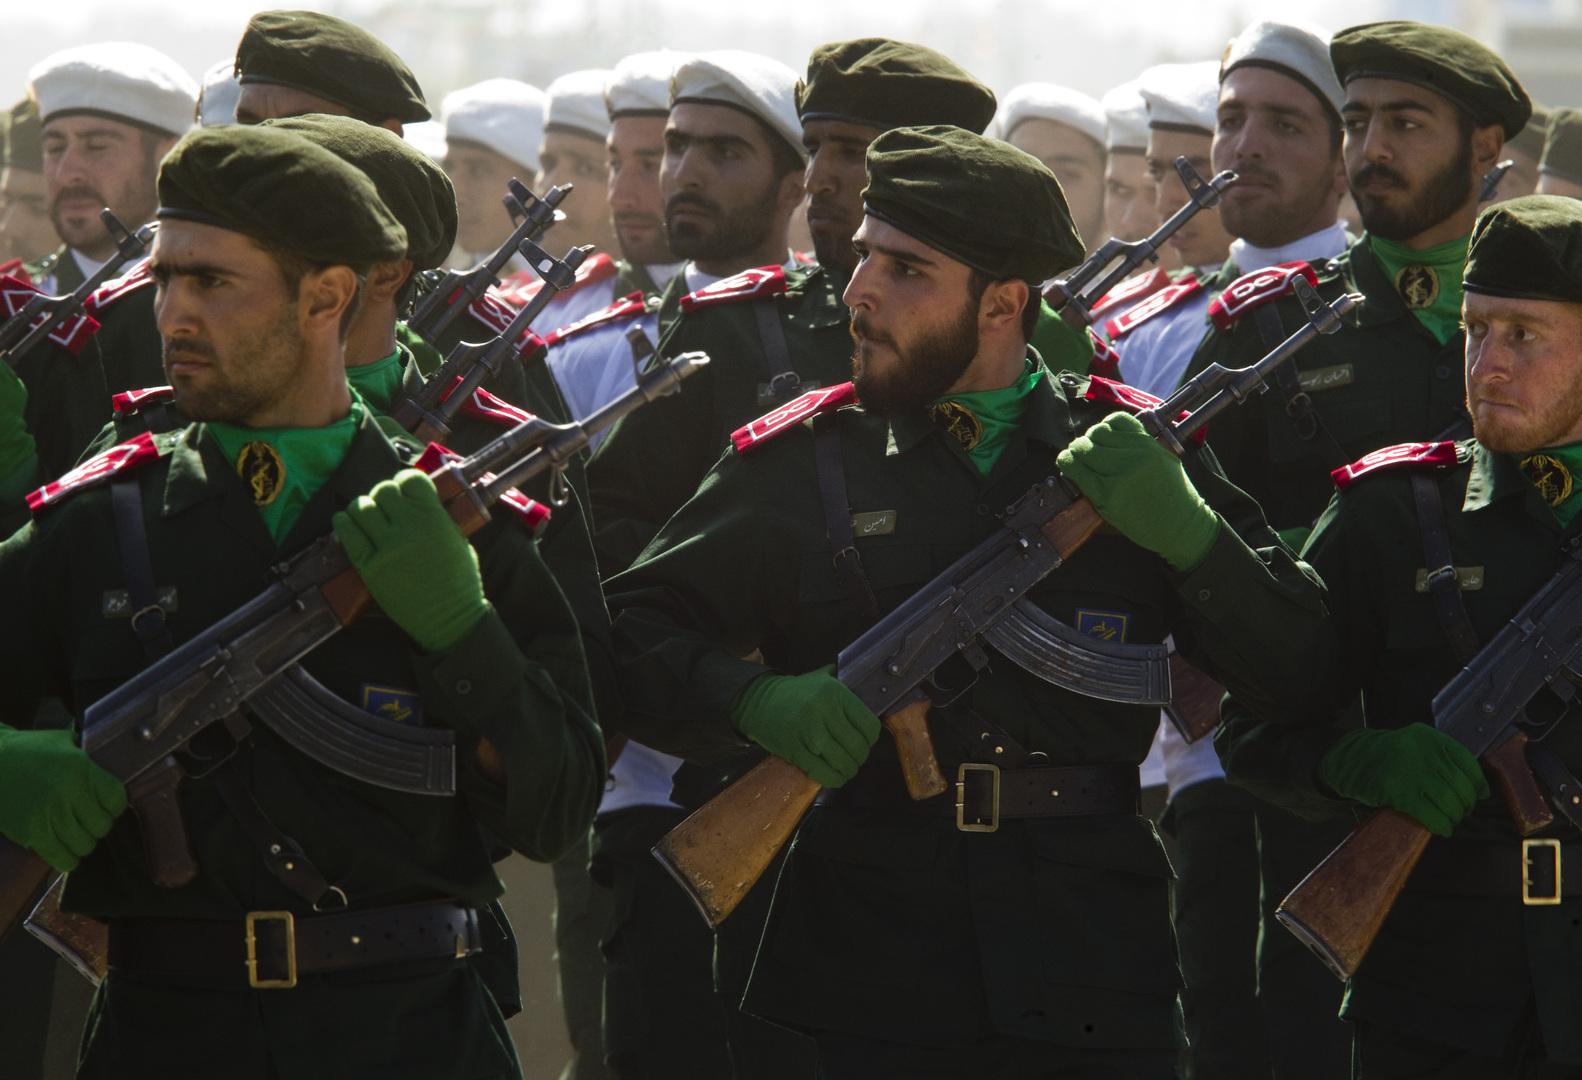 الحرس الثوري الإيراني: قلق الجيش الأمريكي حول قدرات إيران العسكرية في محله